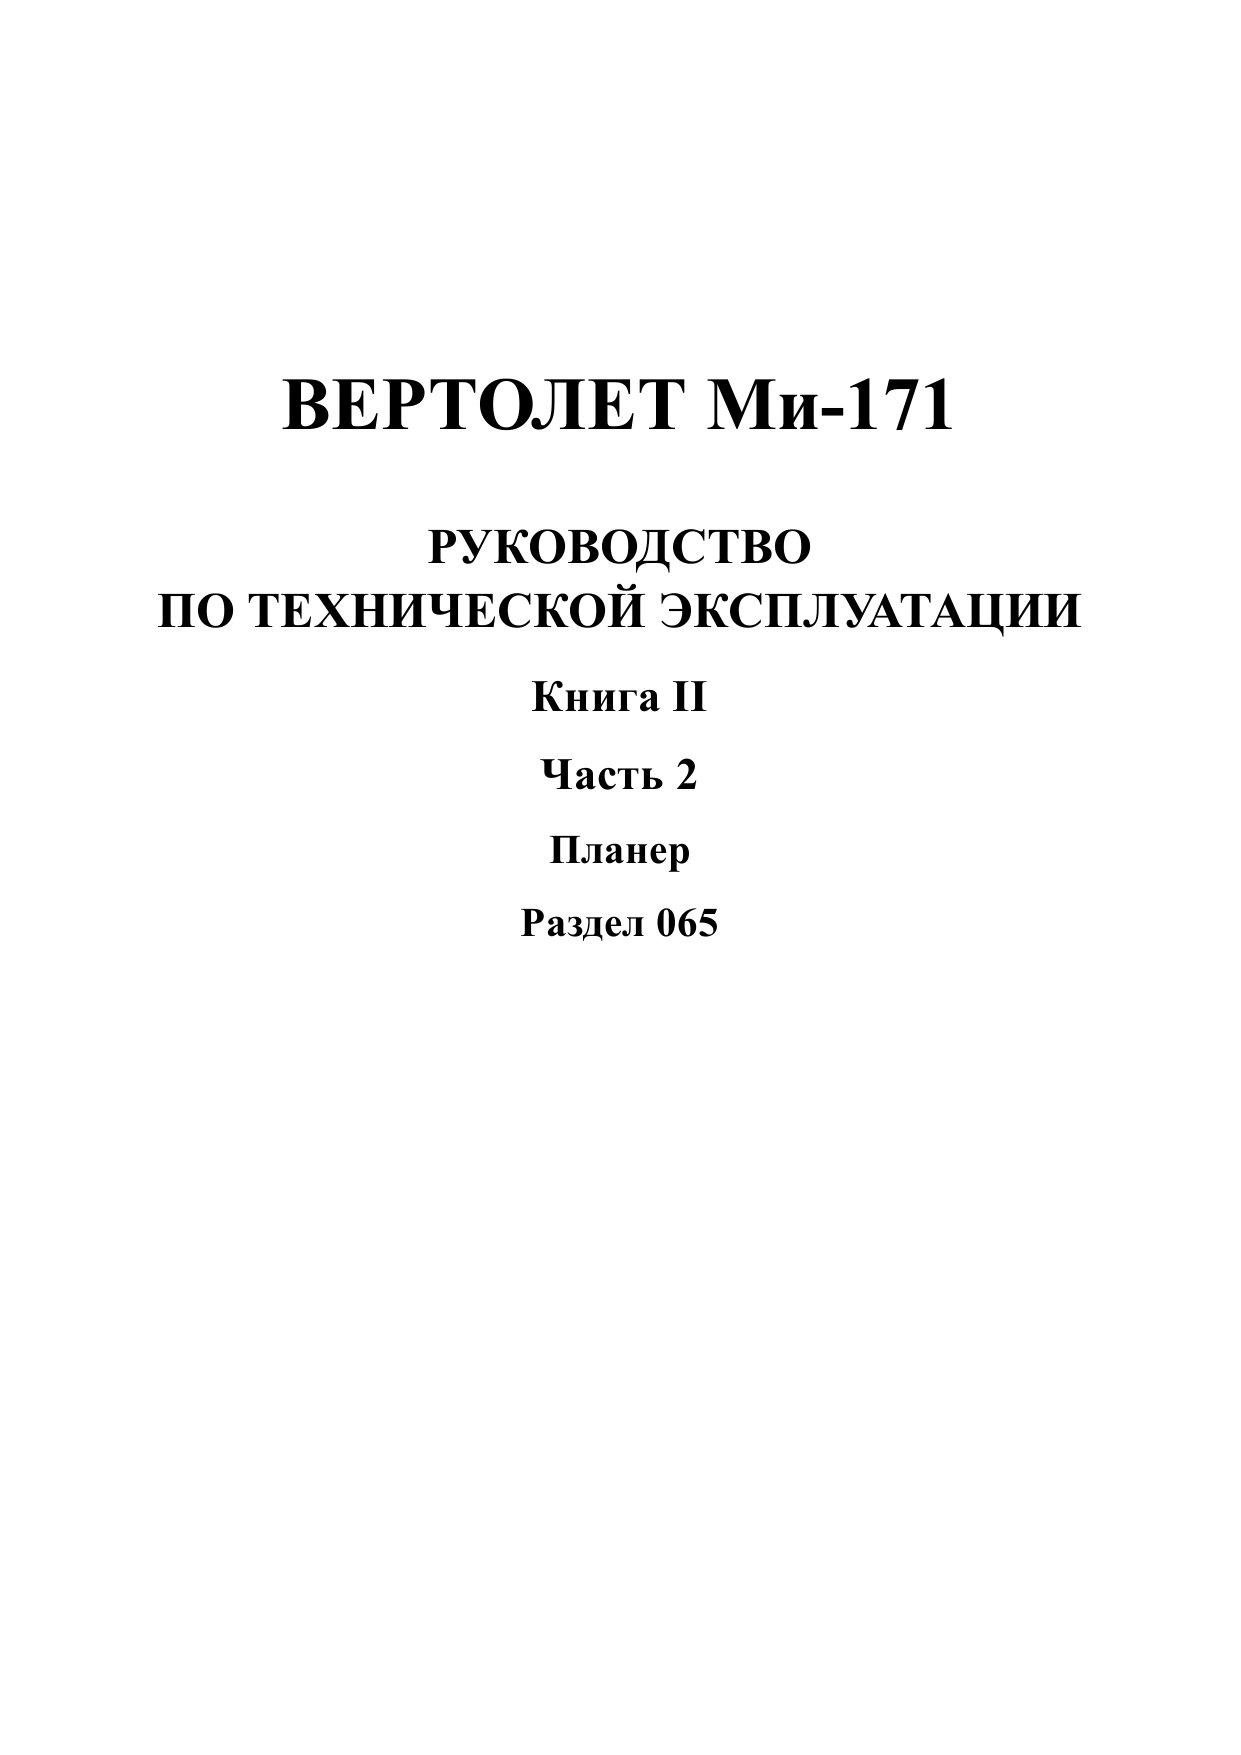 Обложка книги Ми-171.Общие сведения. (Книга 2. Часть 2) (Коллектив авторов)